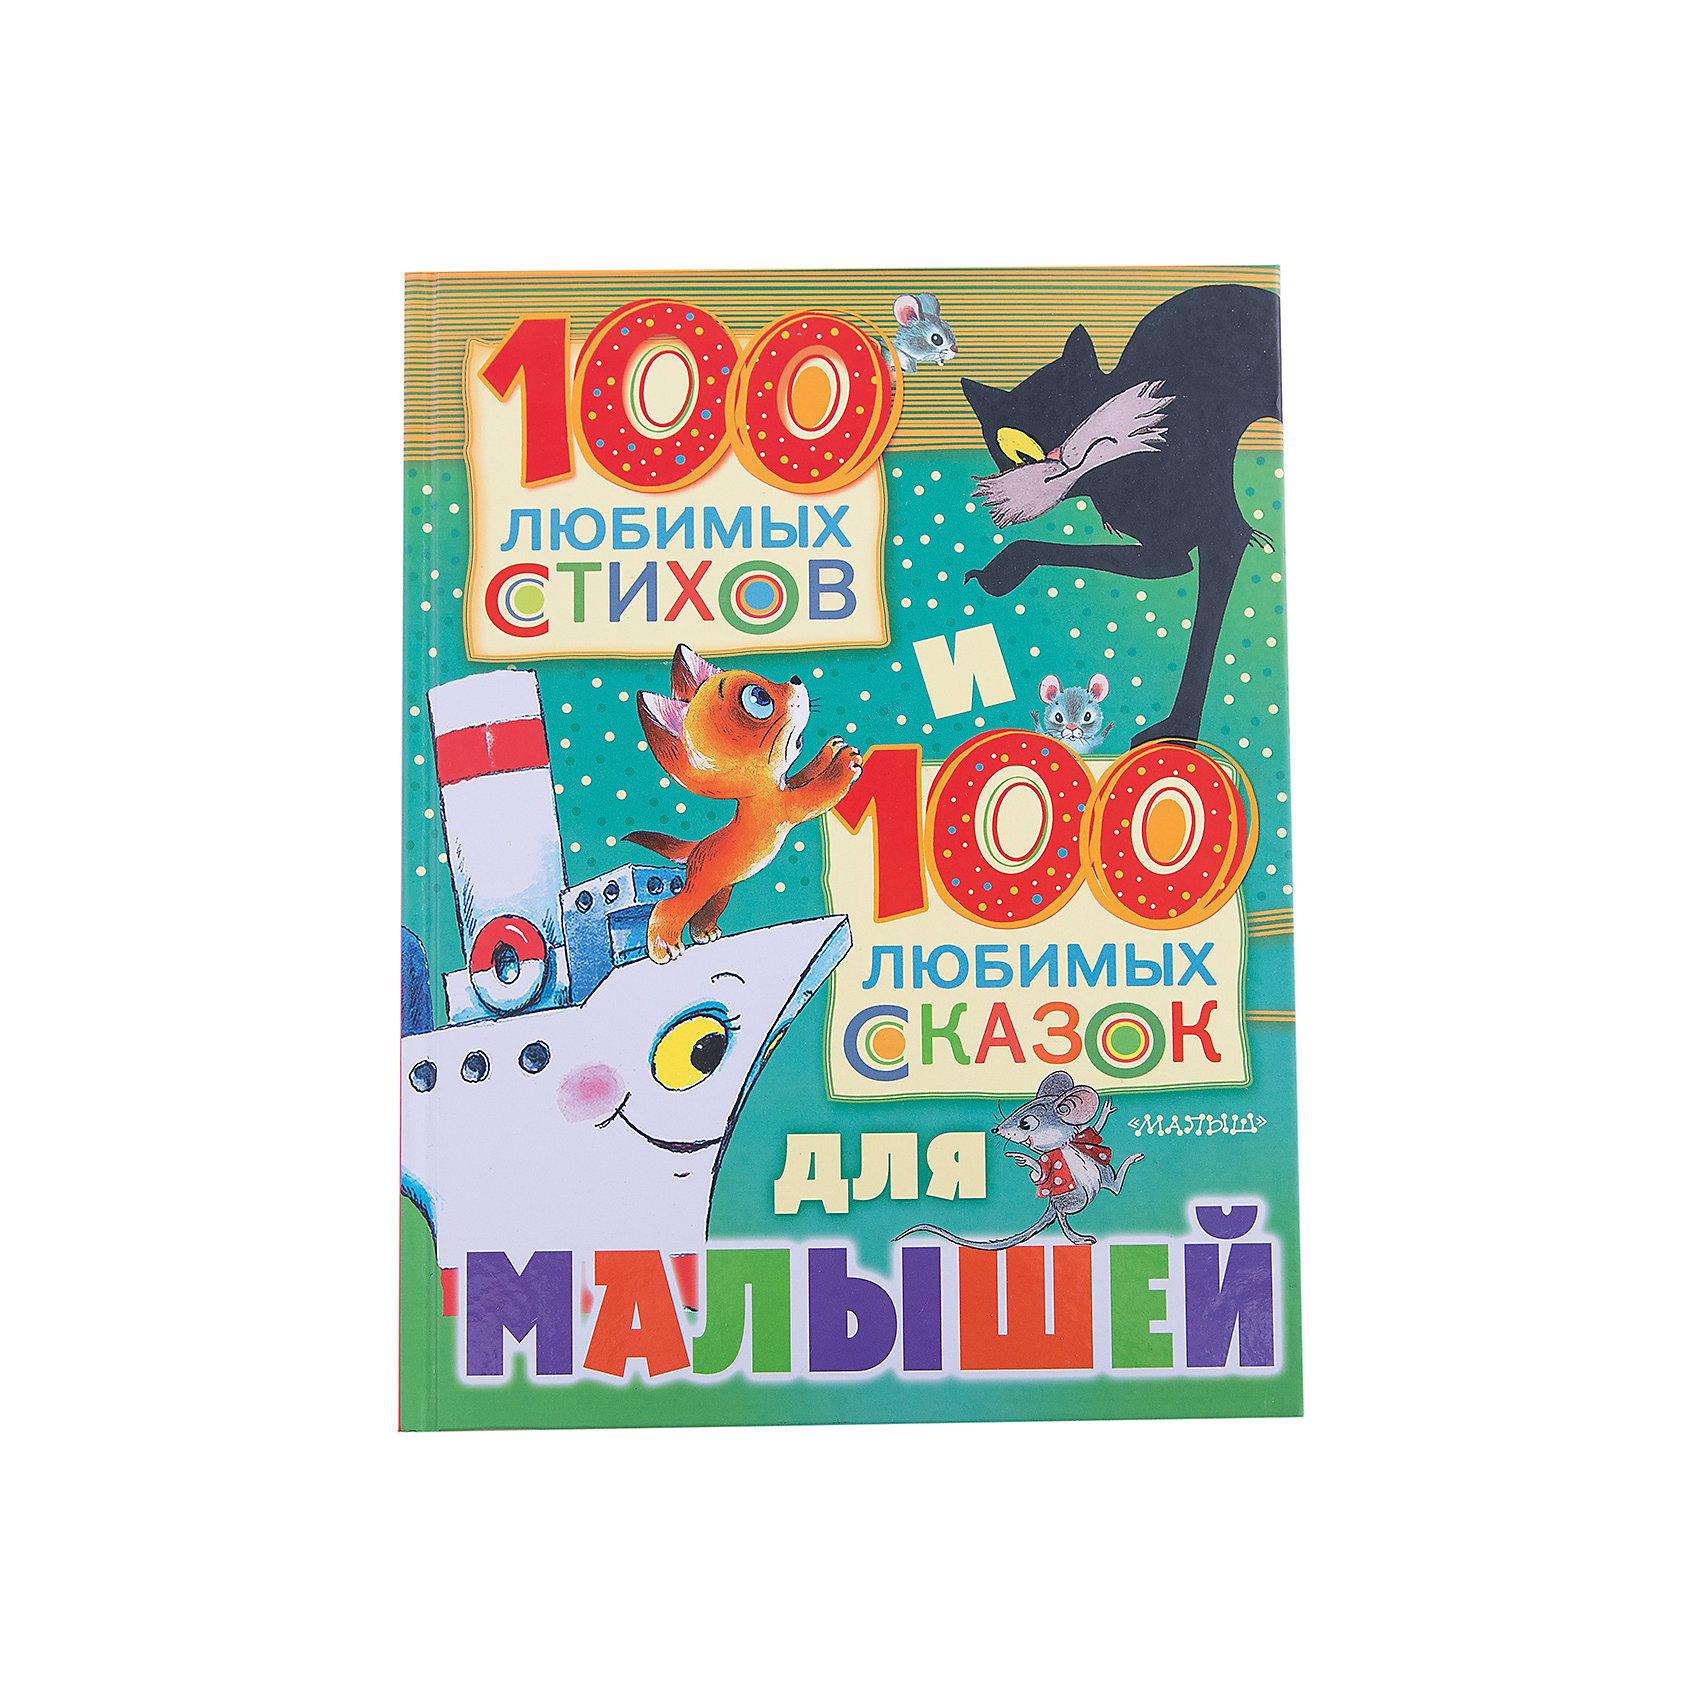 100 любимых стихов и 100 любимых сказок для малышейСтихи<br>Ваш малыш любит играть и гулять. А ещё он любит читать стихи и слушать сказки. <br>В одной книге мы собрали самые лучшие стихи, самые лучшие сказки для малышей. Многие из них станут любимыми - стихи про любимые игрушки, про маленького озорного щенка Трезора, про хитрого Котауси и умную Мауси; сказки про весёлого Колобка и мудрую Курочку Рябу, про заколдованный пряничный домик и про ёжика, которого можно было погладить...<br><br>Ширина мм: 255<br>Глубина мм: 195<br>Высота мм: 160<br>Вес г: 913<br>Возраст от месяцев: 12<br>Возраст до месяцев: 36<br>Пол: Унисекс<br>Возраст: Детский<br>SKU: 6848341